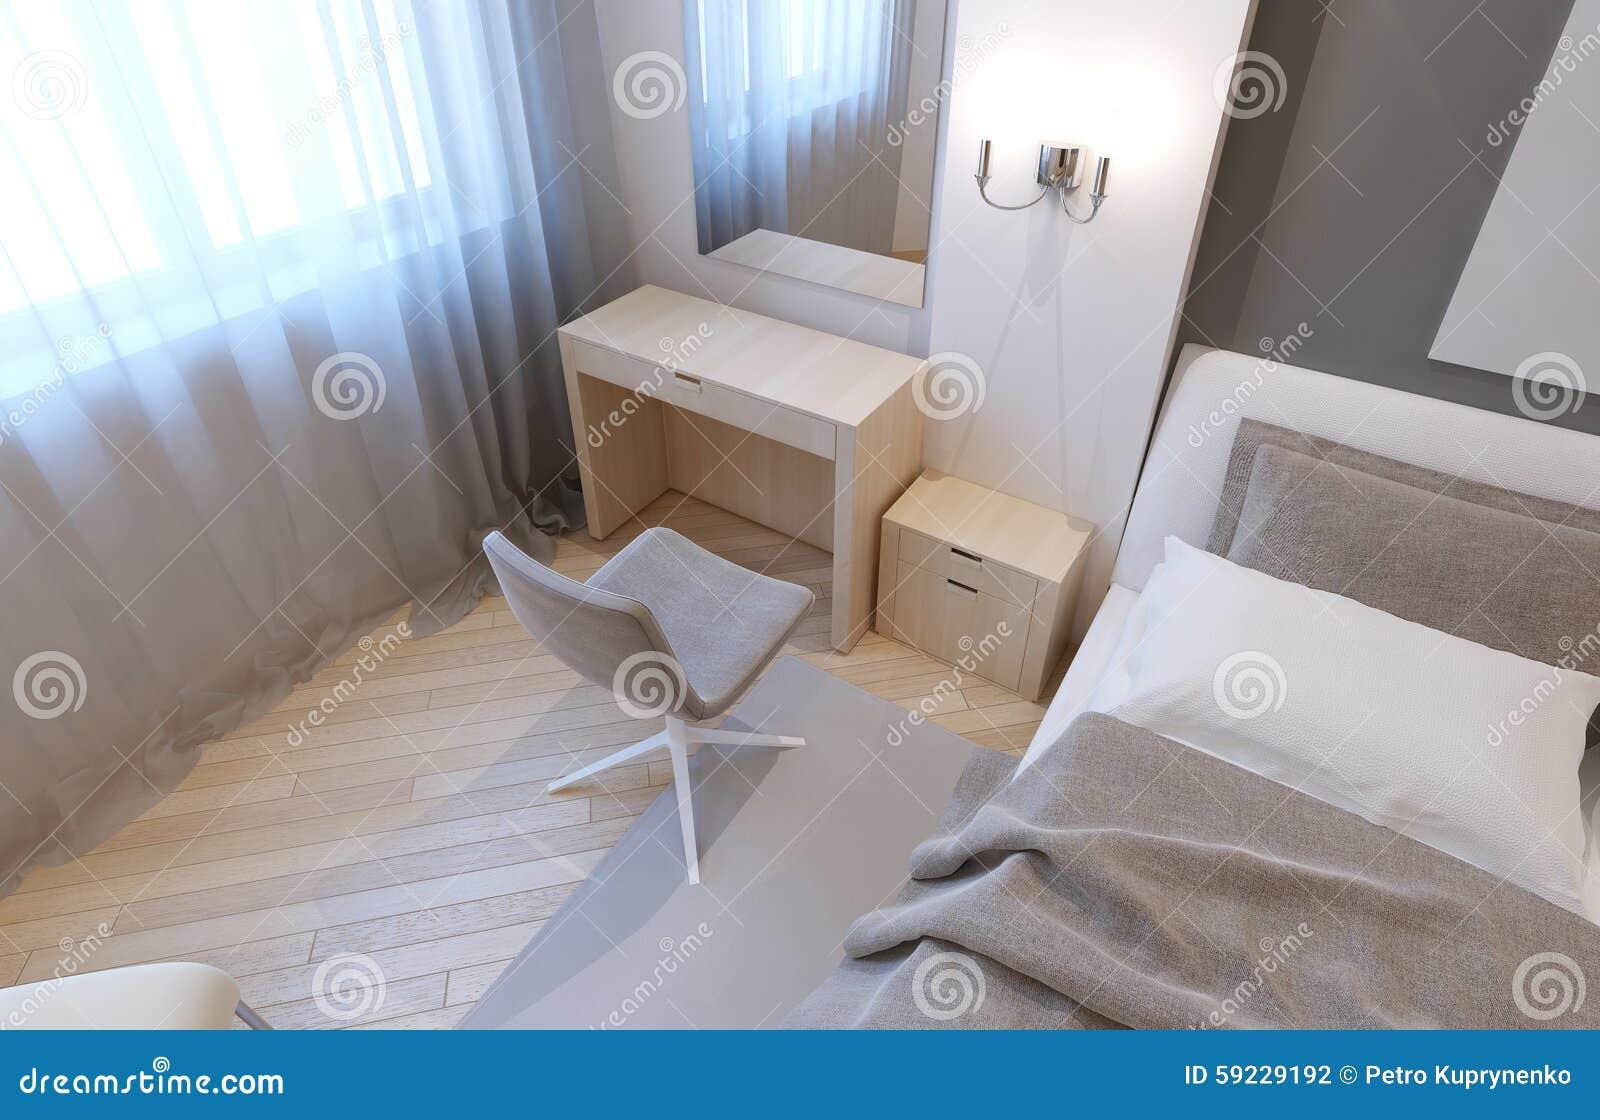 Toilettafel in slaapkamer stock illustratie illustratie bestaande